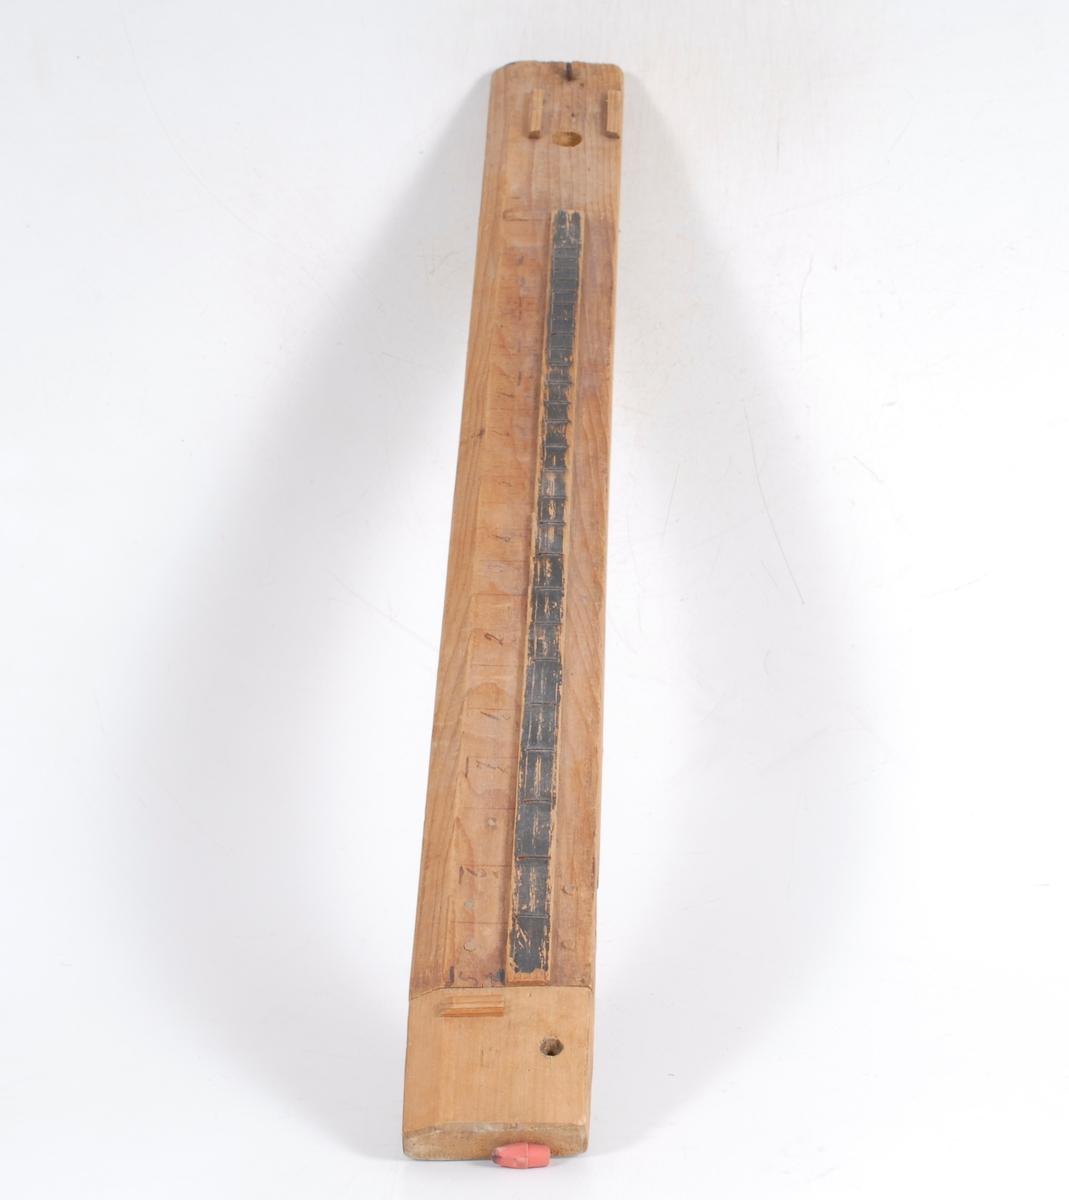 Teknikk: En sidekant avfaset. Paralelle trestykker som underlag for bue er festet m/nagler. Bak buen iskrudd øyekrok til strengfeste. På den tilnittede platen er det limt et tynt tverrtre. Nær begge kortendene er det boret hull. Ene kanten på under- siden er avfaset i 37 cm lengde. Opplysninger om hvor gjenstandene fra 01364 - 02403 befinner seg, se vedlegg. Form: Skalaplate m/intervallsyst. fast i hoveddelen.